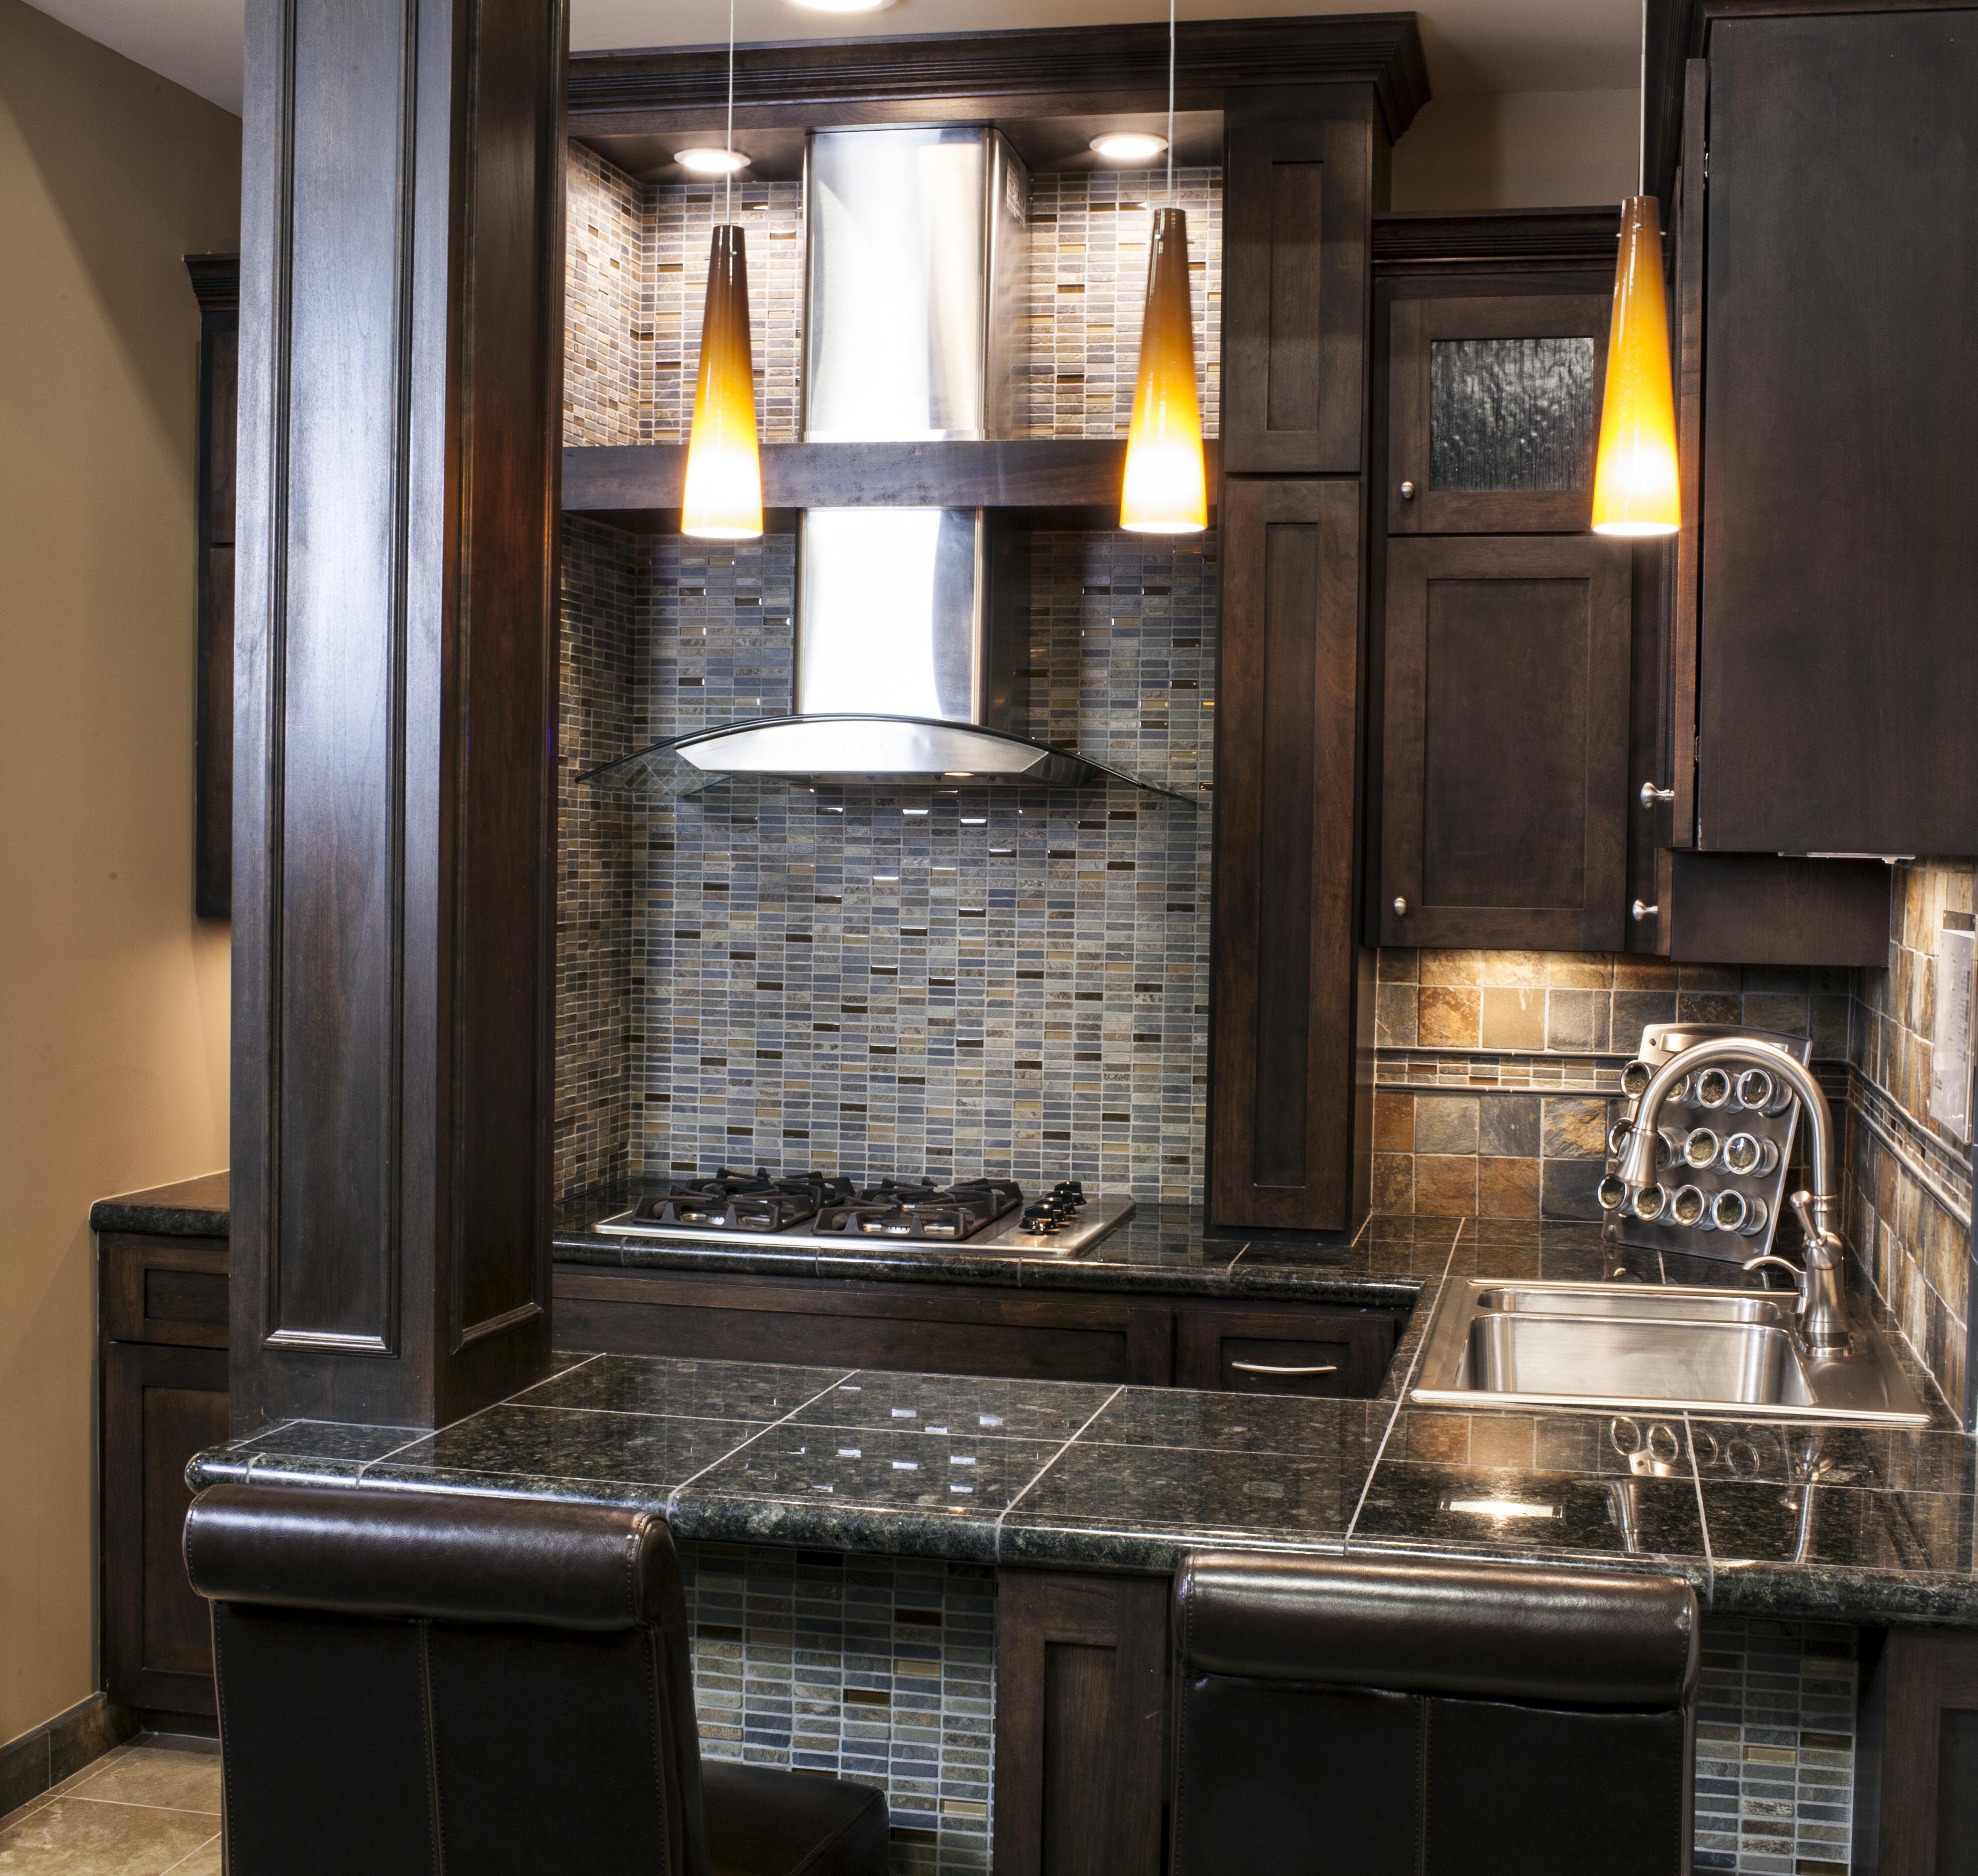 A Rustic But Modernized Slate Backsplash Kitchen